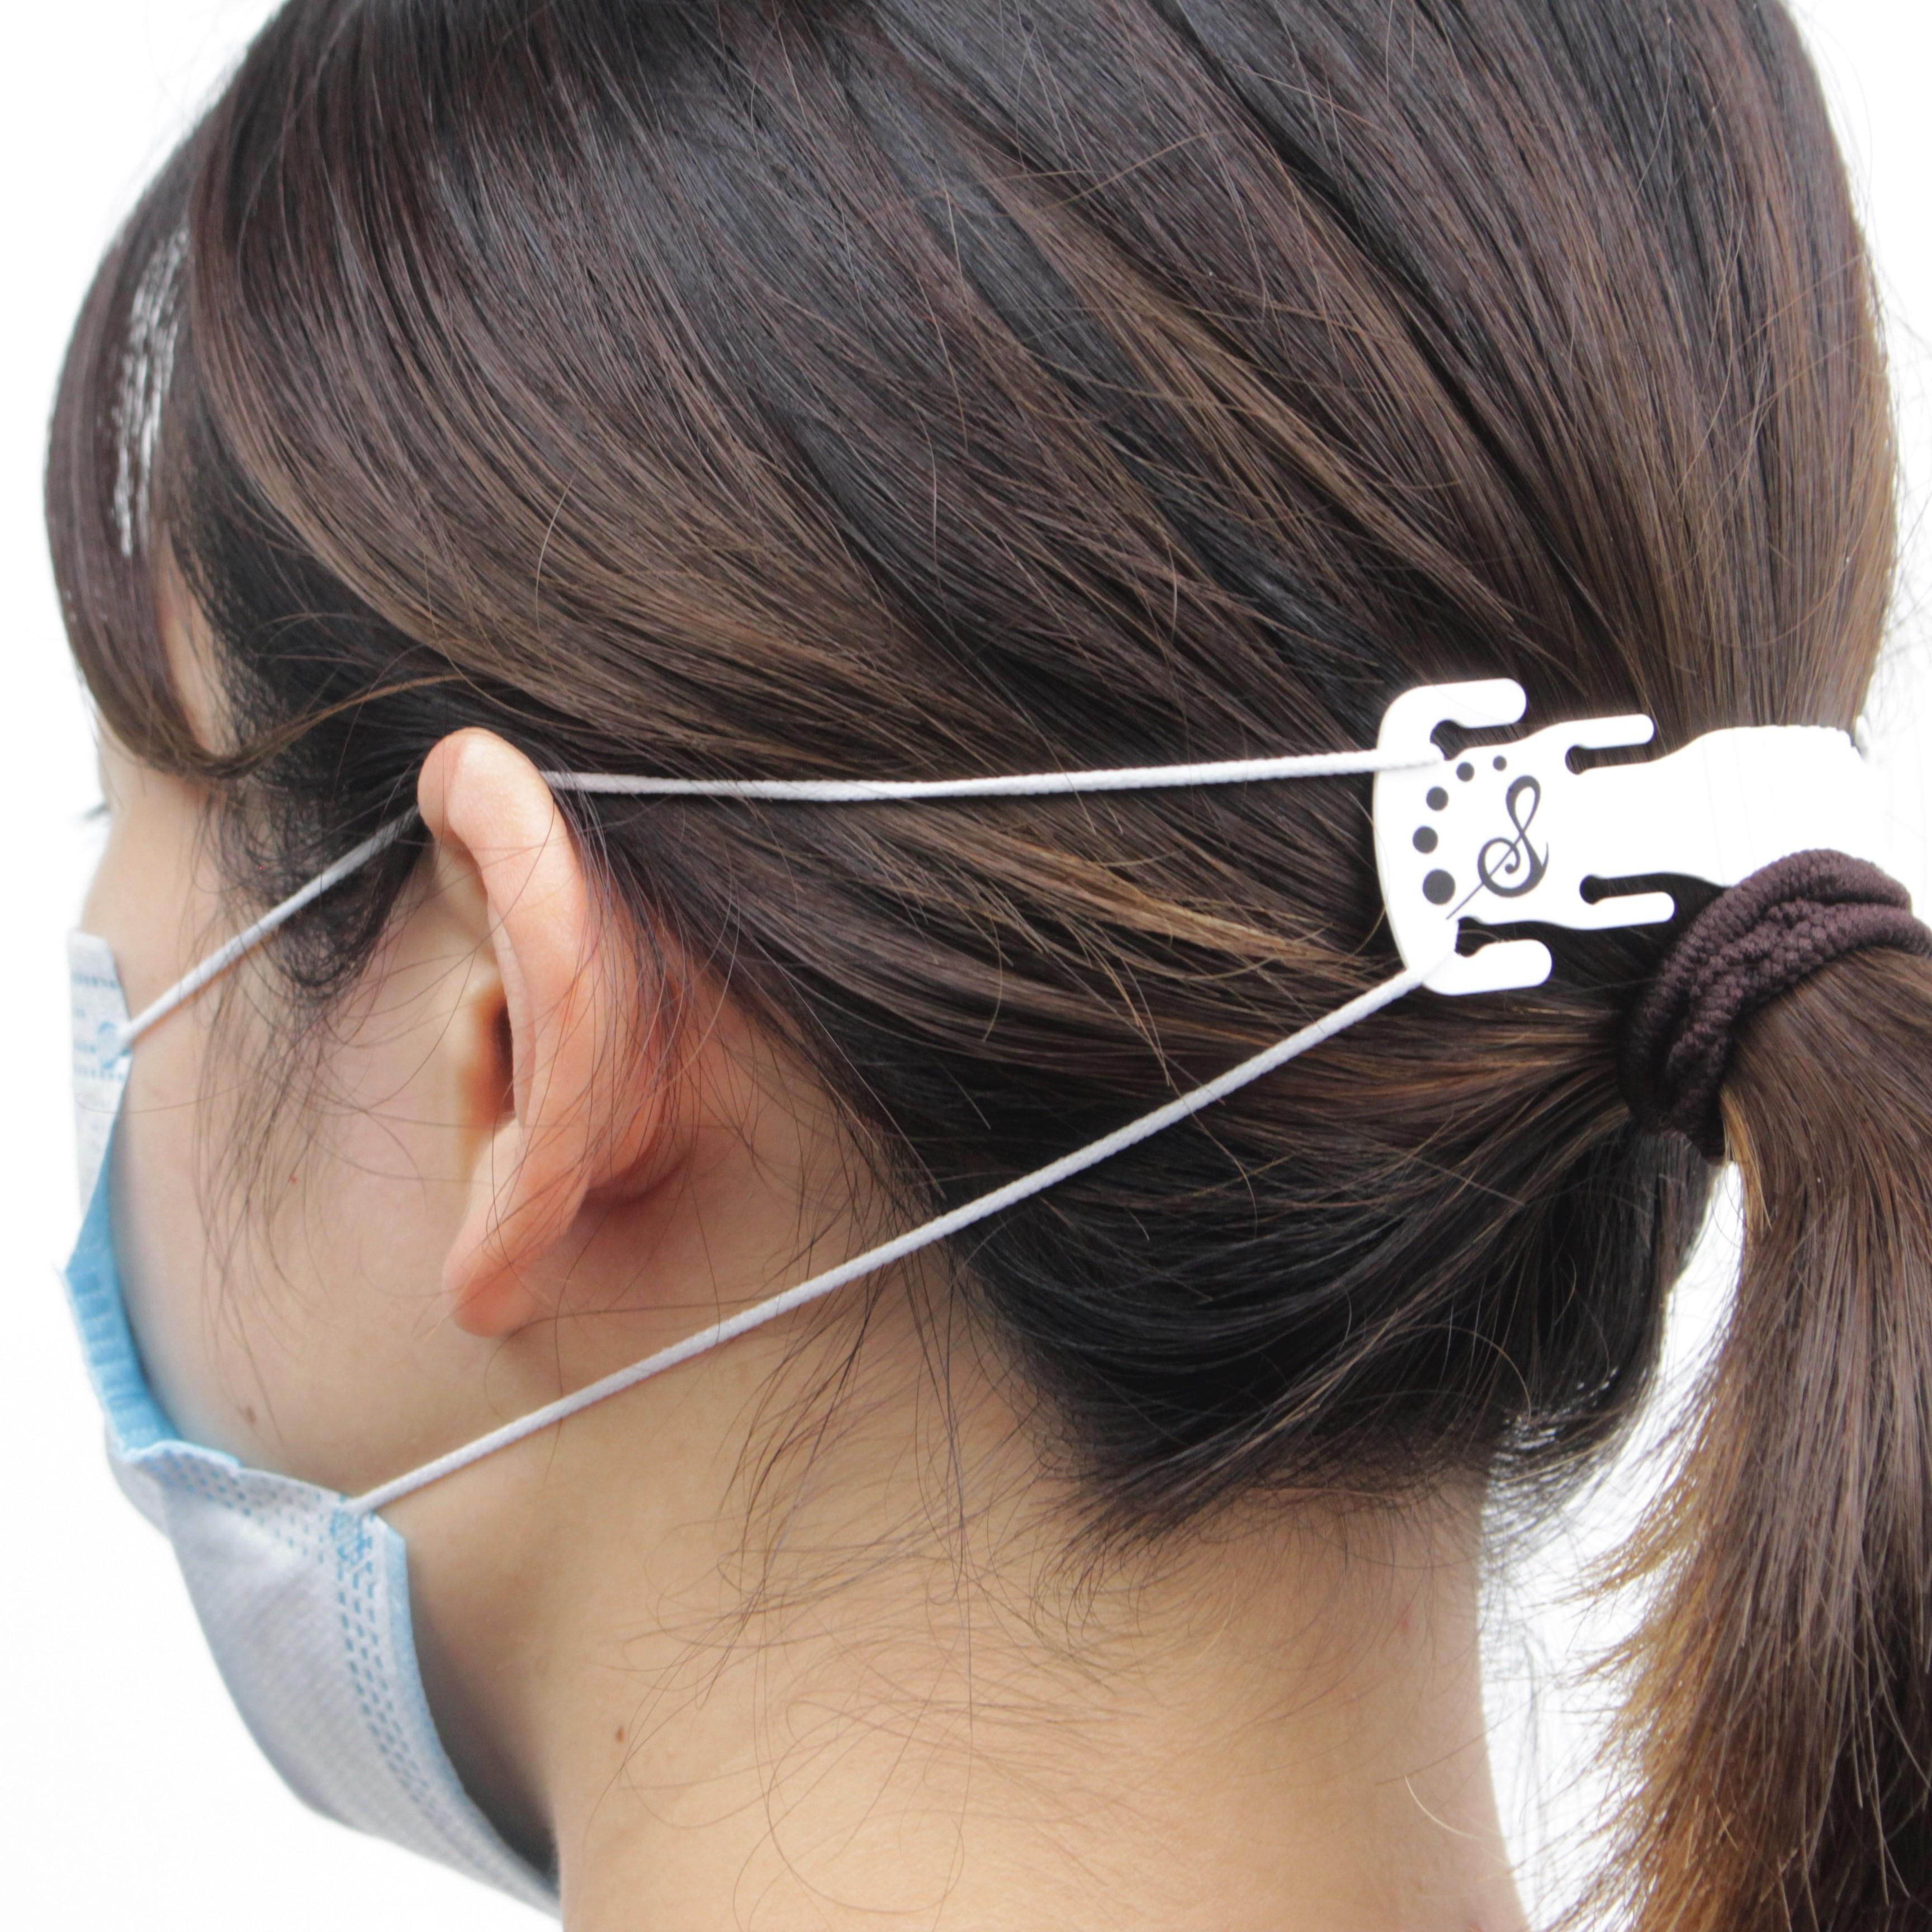 【マスクフック】 耳を痛みから守る!